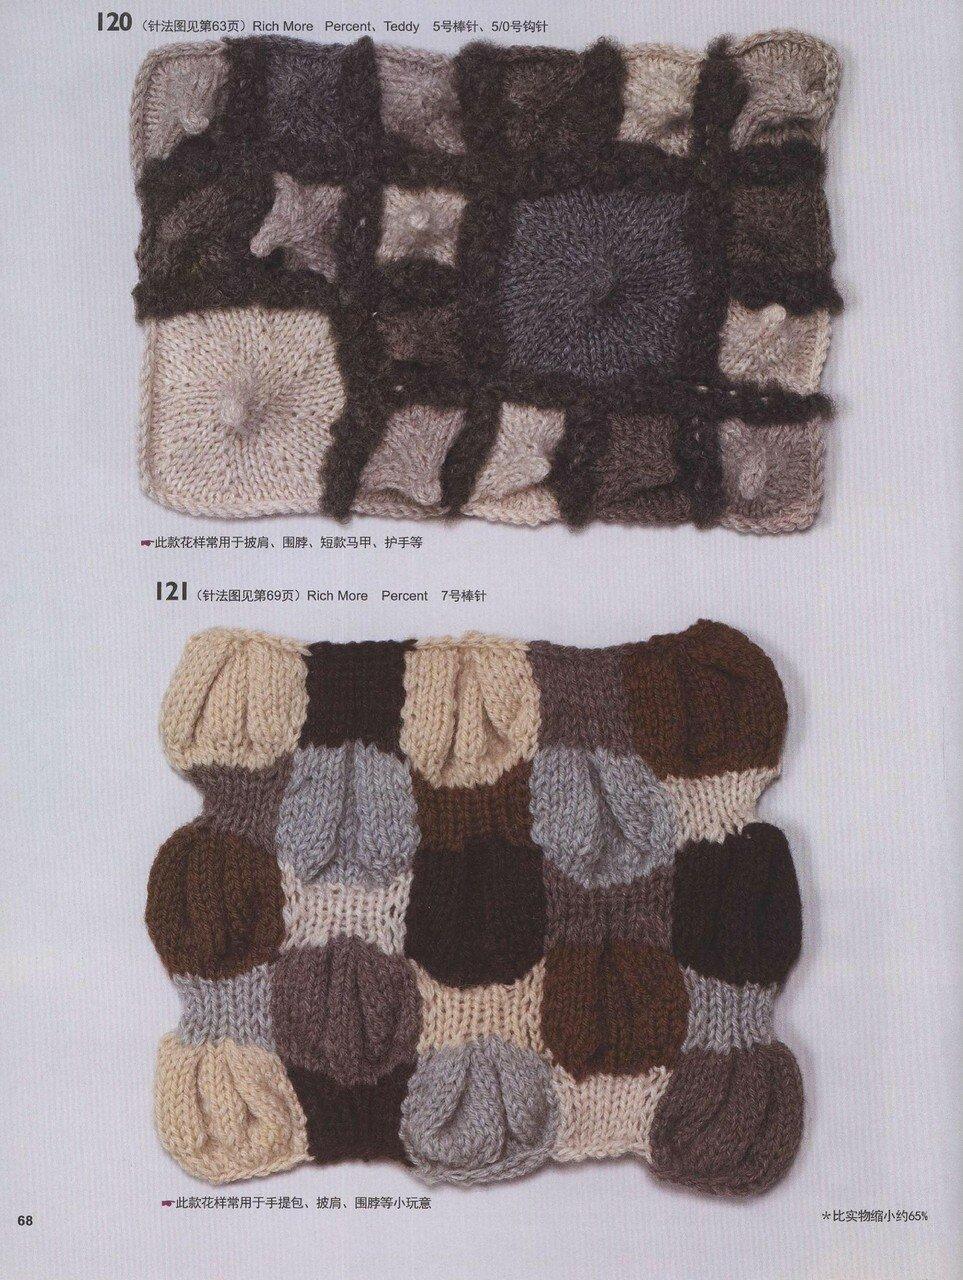 150 Knitting_70.jpg